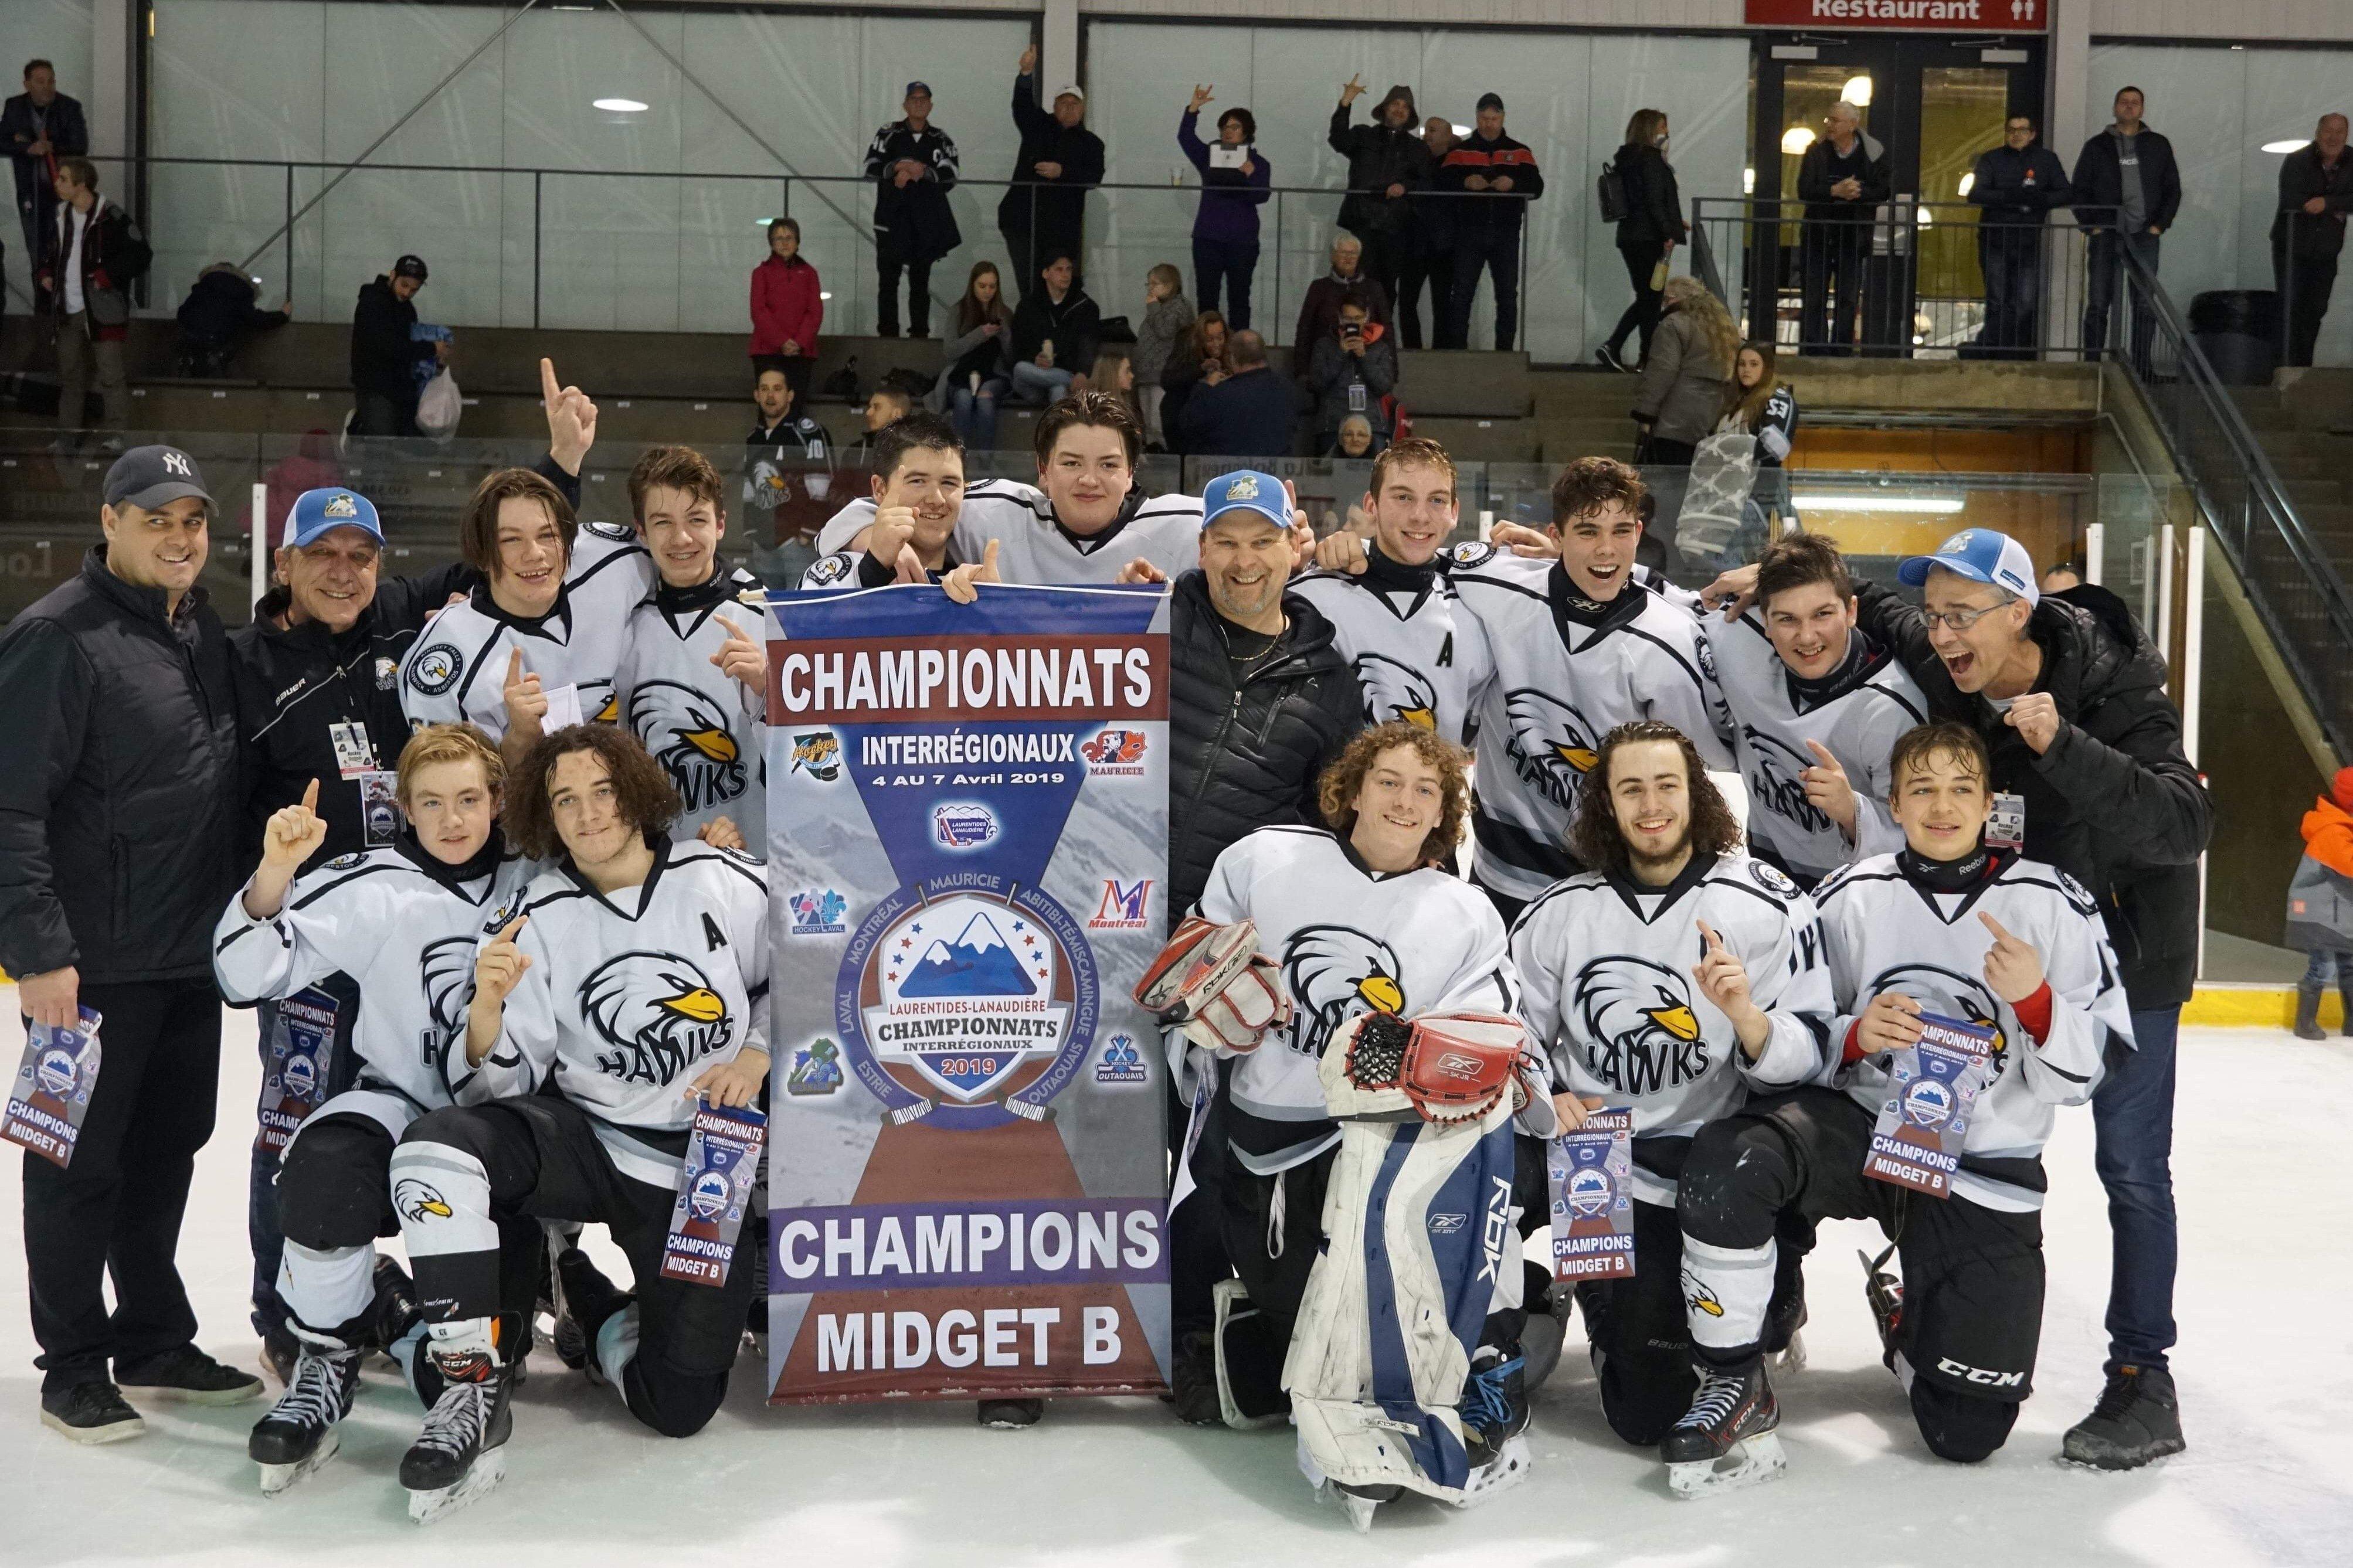 Hawks Midget B2 Champions Interrégionnaux